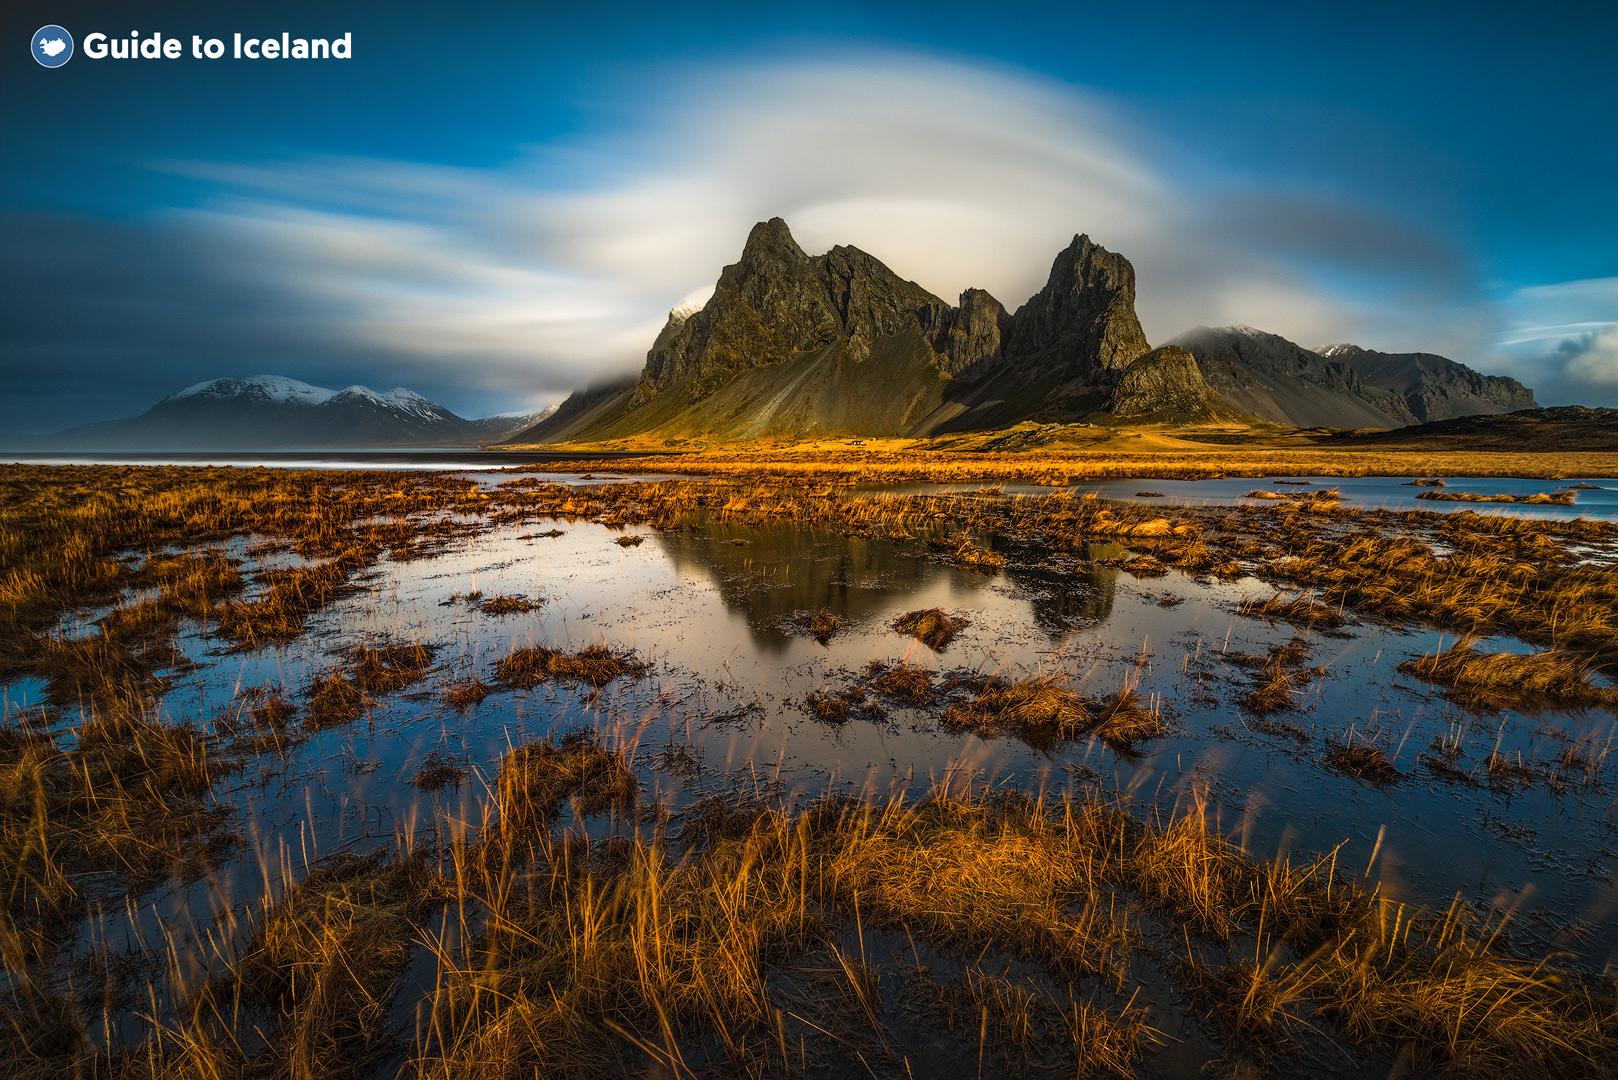 冰岛东南部的东角山形状极为独特